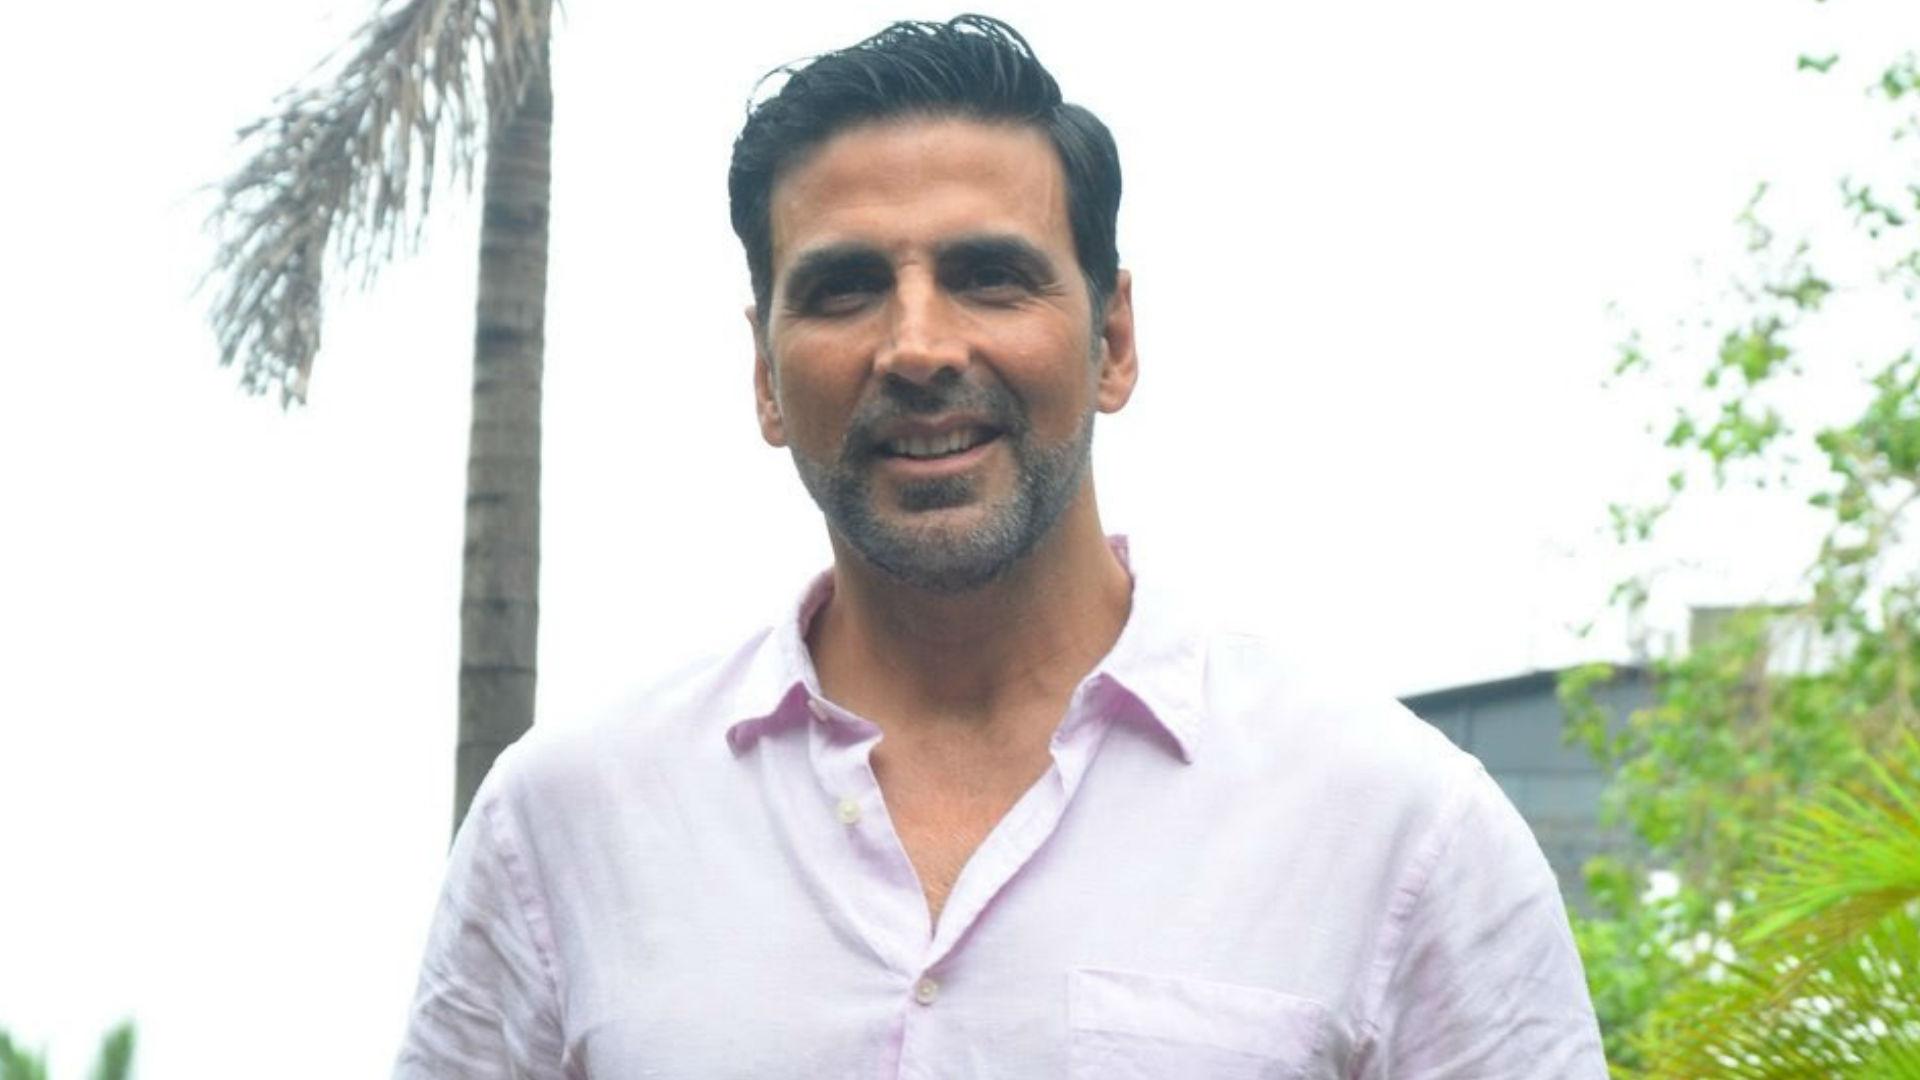 टिप टिप बरसा पानी सॉन्ग के रिक्रिएशन पर ट्रोल हुए अक्षय कुमार, ट्रोलर्स ने बॉलीवुड के खिलाड़ी को कही ये बातें